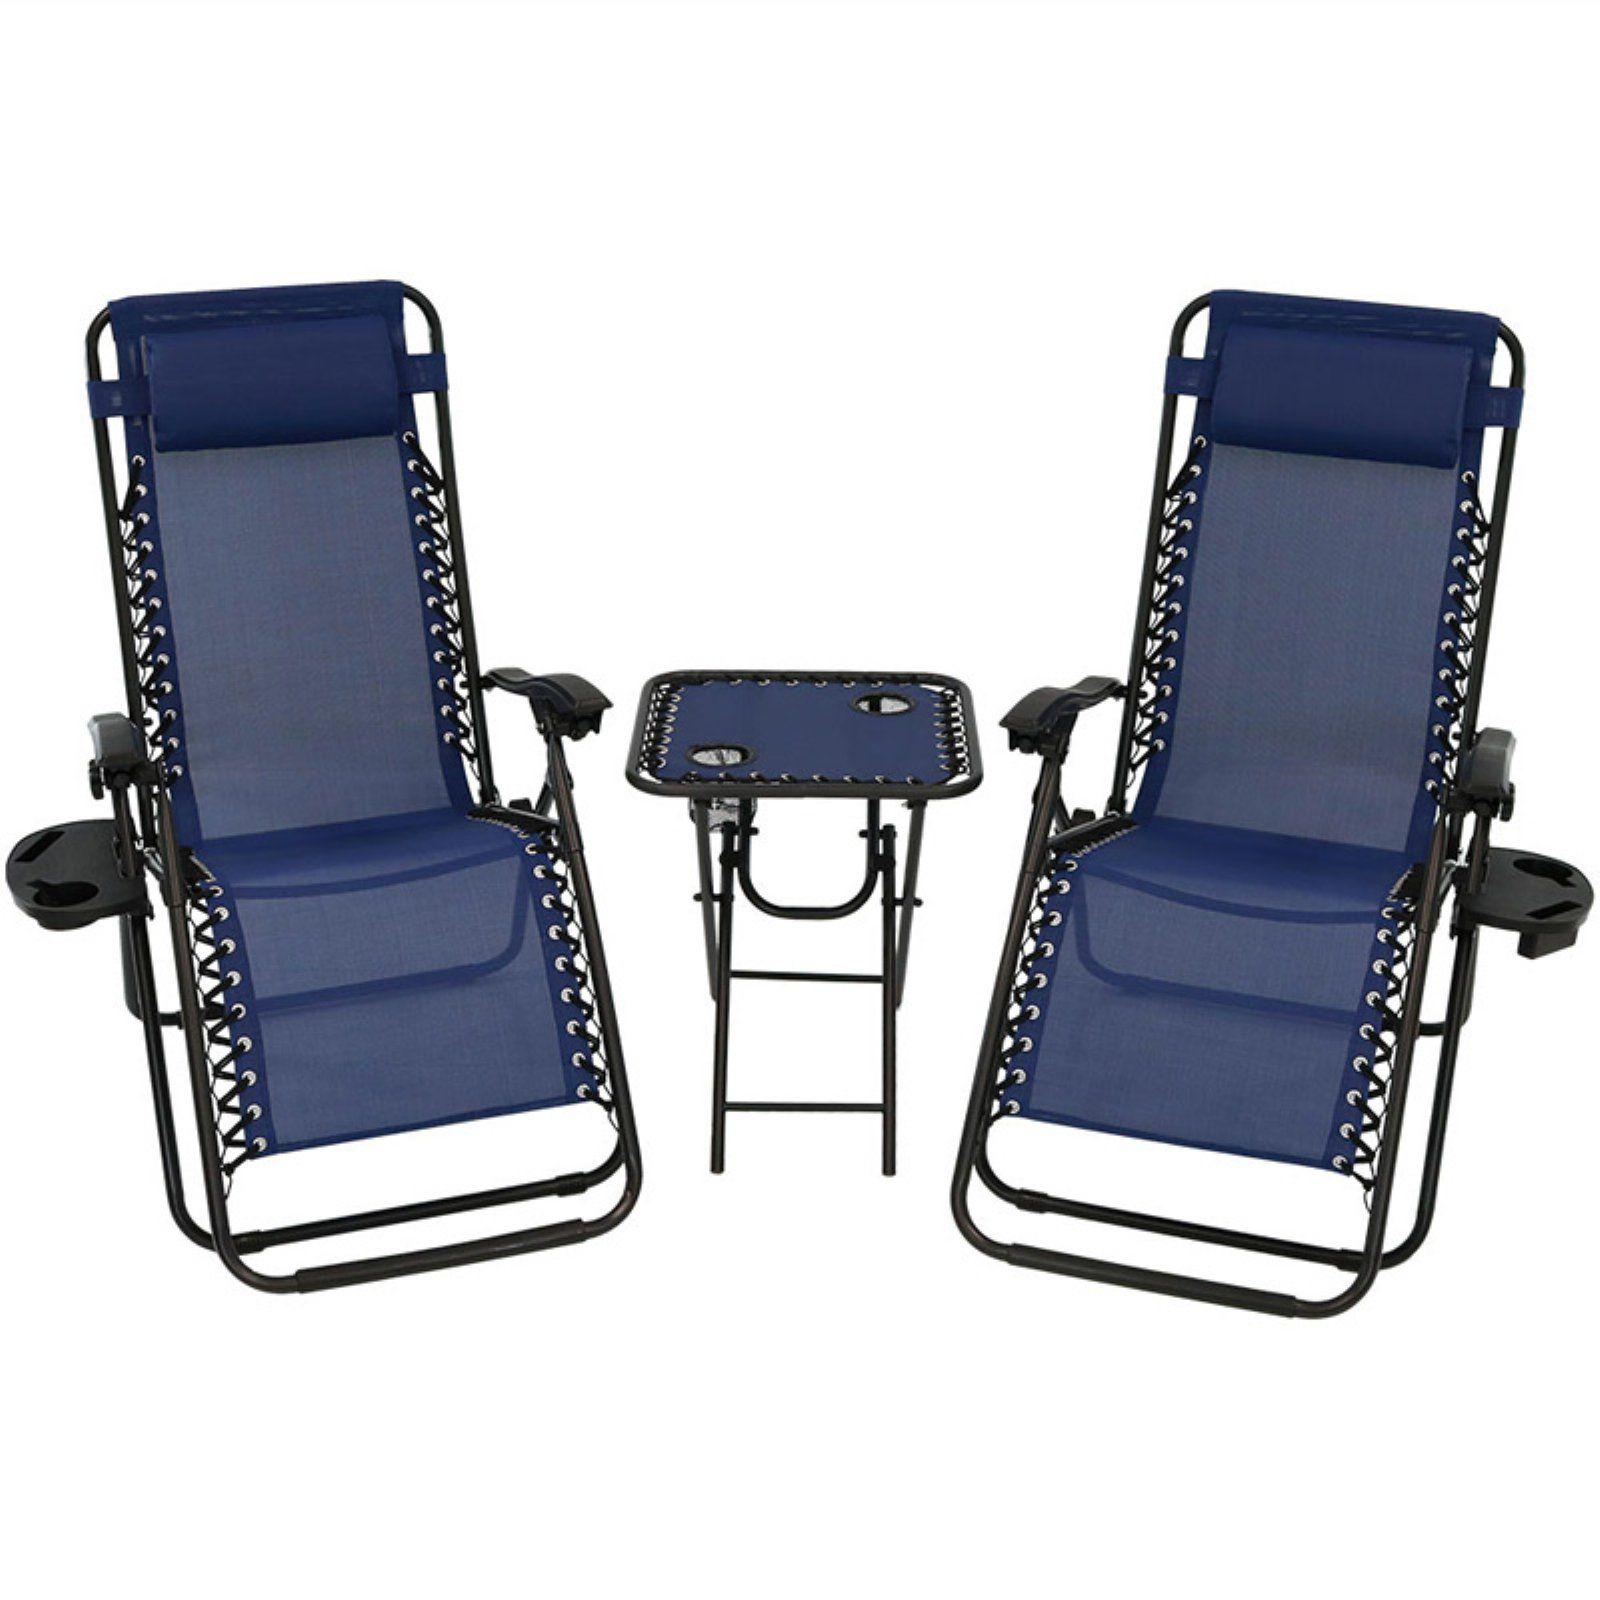 Superb Outdoor Sunnydaze Decor 3 Piece Zero Gravity Reclining Uwap Interior Chair Design Uwaporg